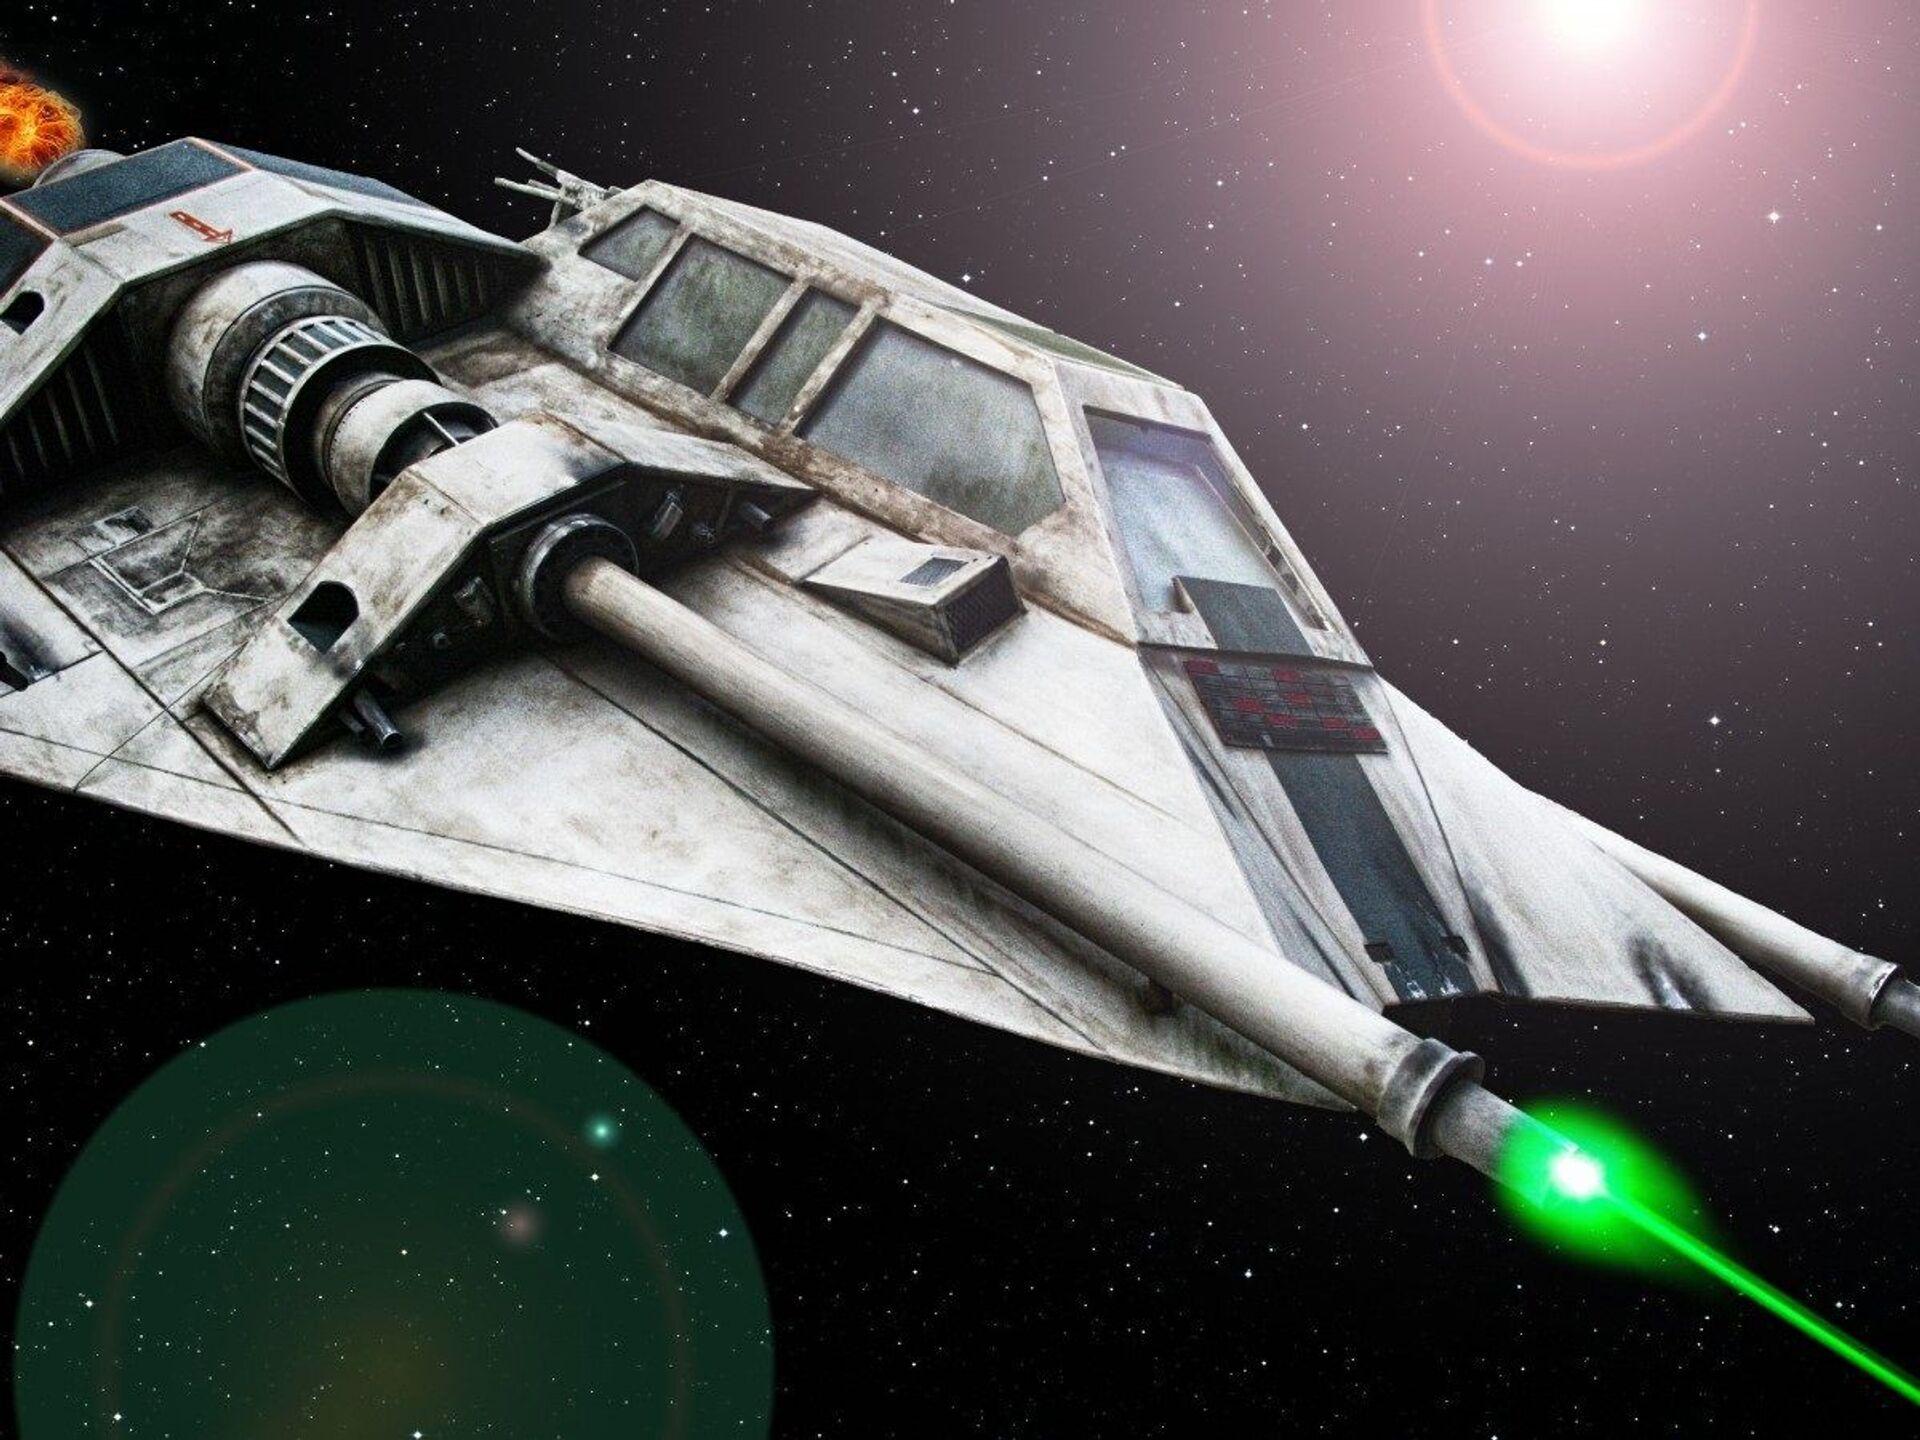 Space ship laser - Sputnik International, 1920, 07.09.2021